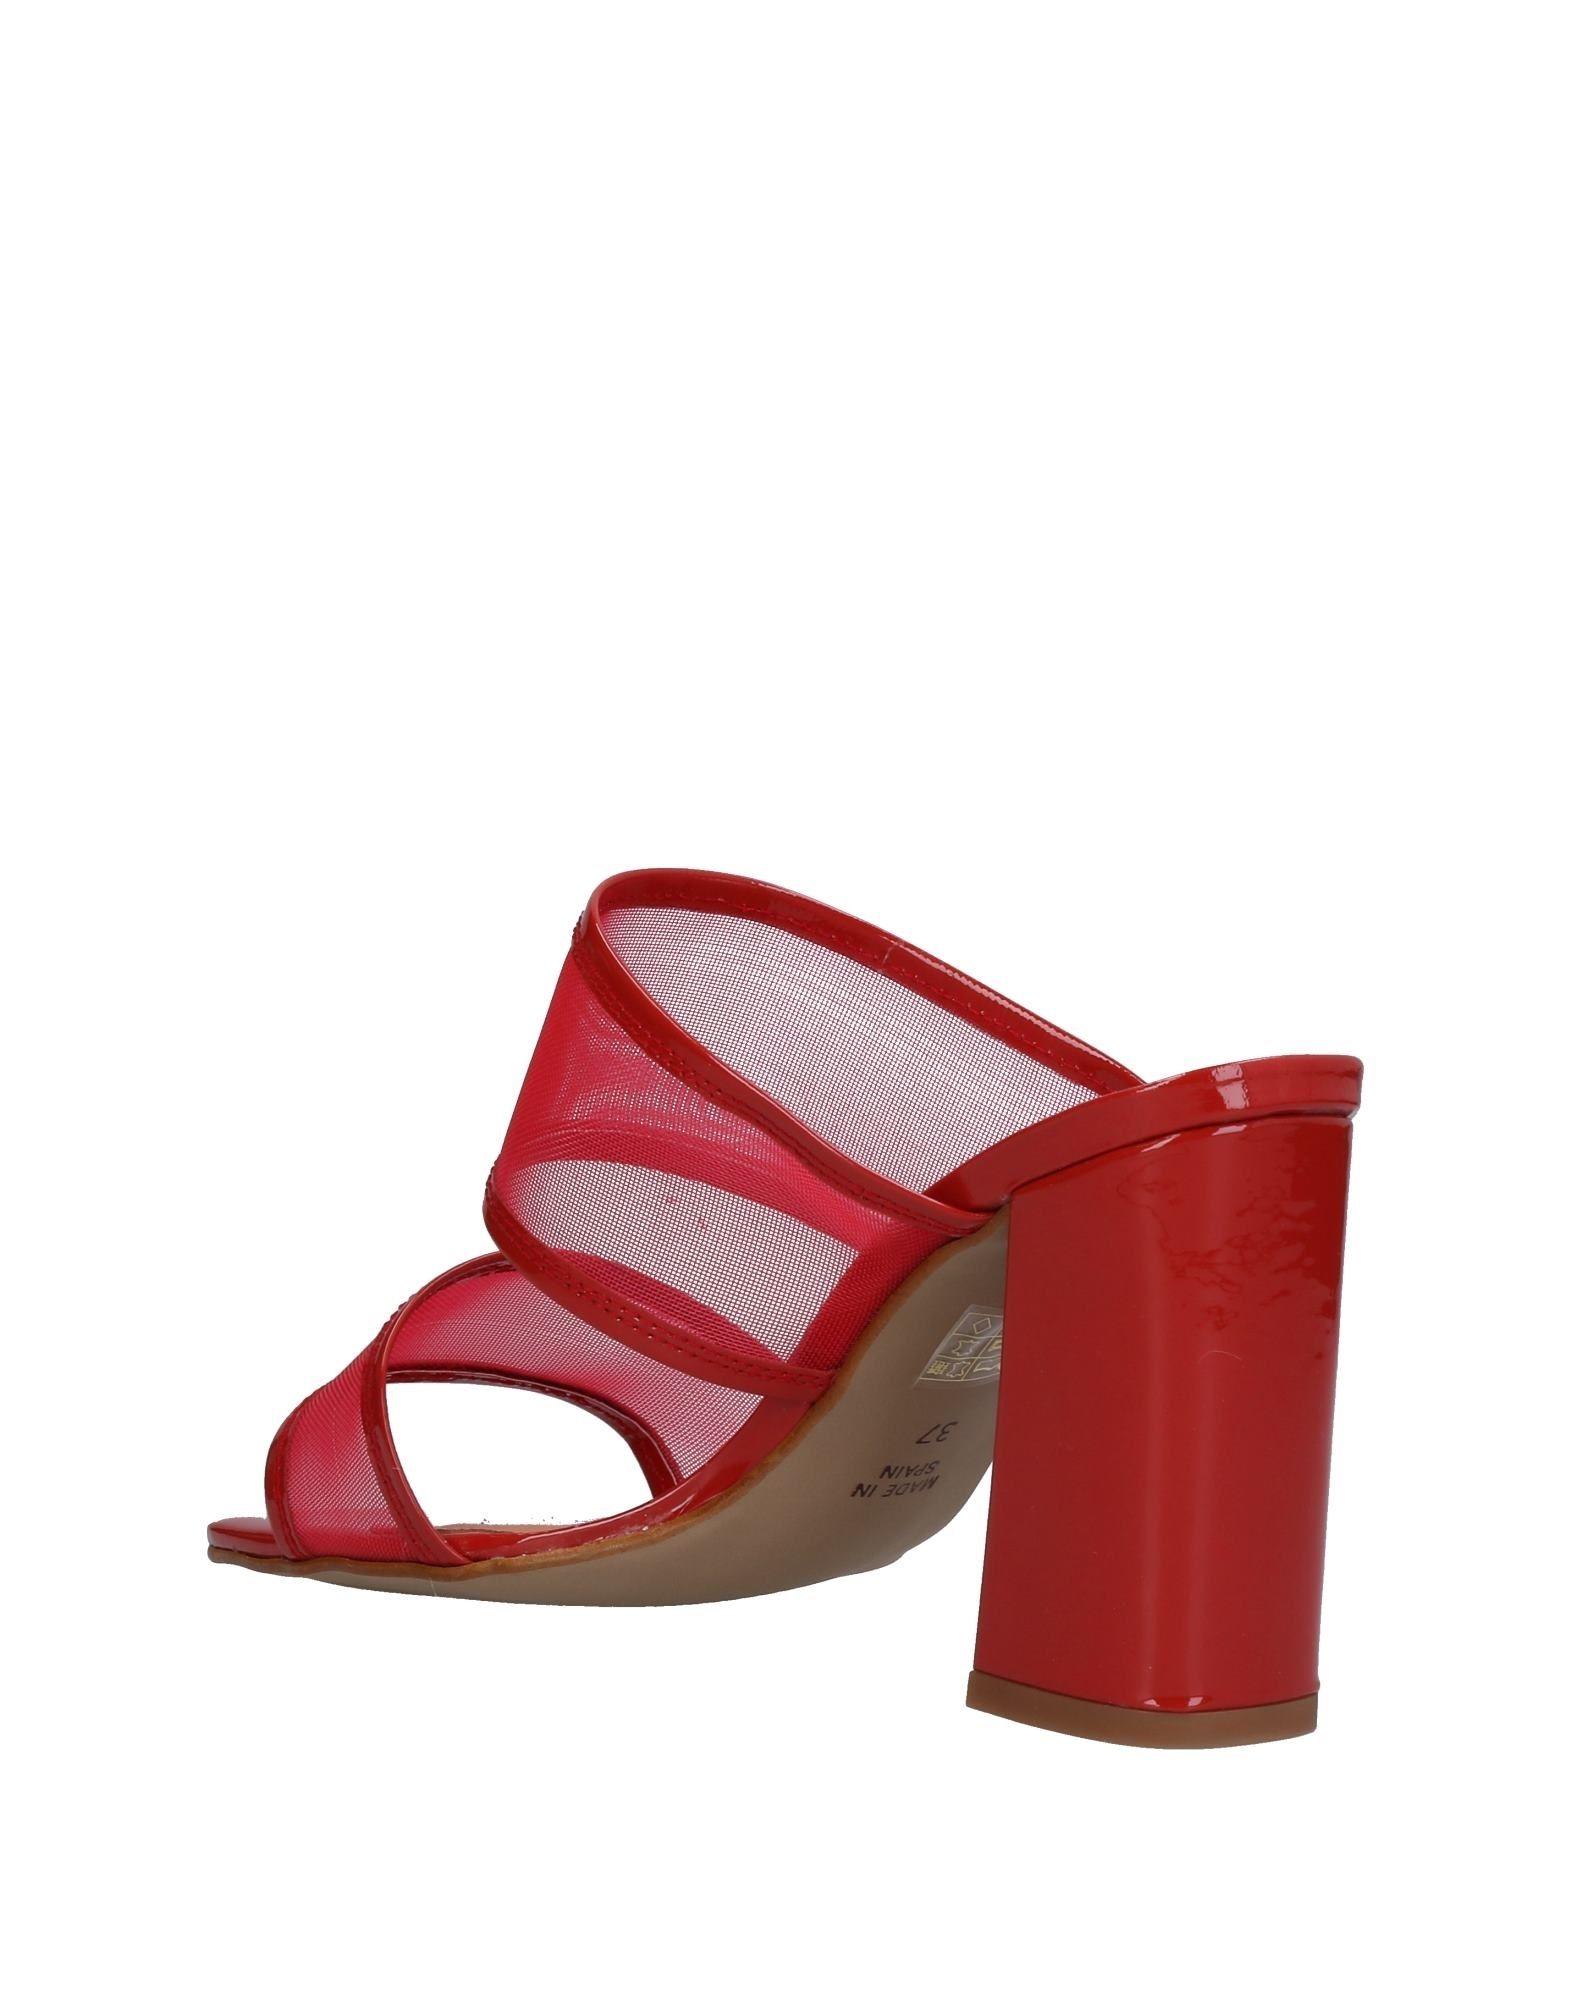 Cross Walk Sandalen Damen beliebte  11463959OI Gute Qualität beliebte Damen Schuhe dcfde5